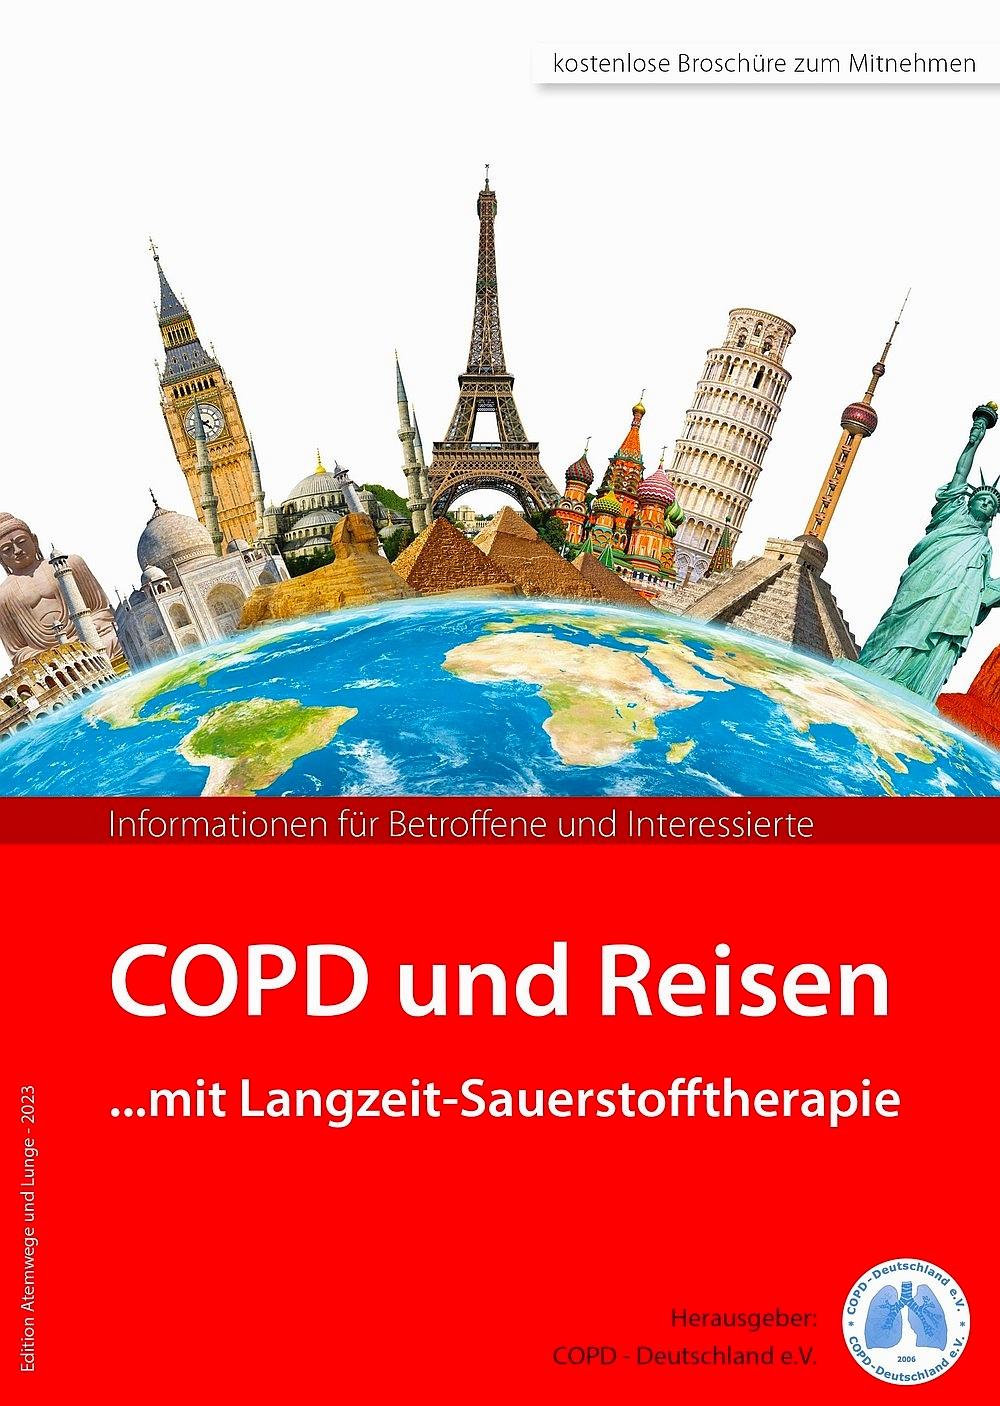 COPD und Reisen